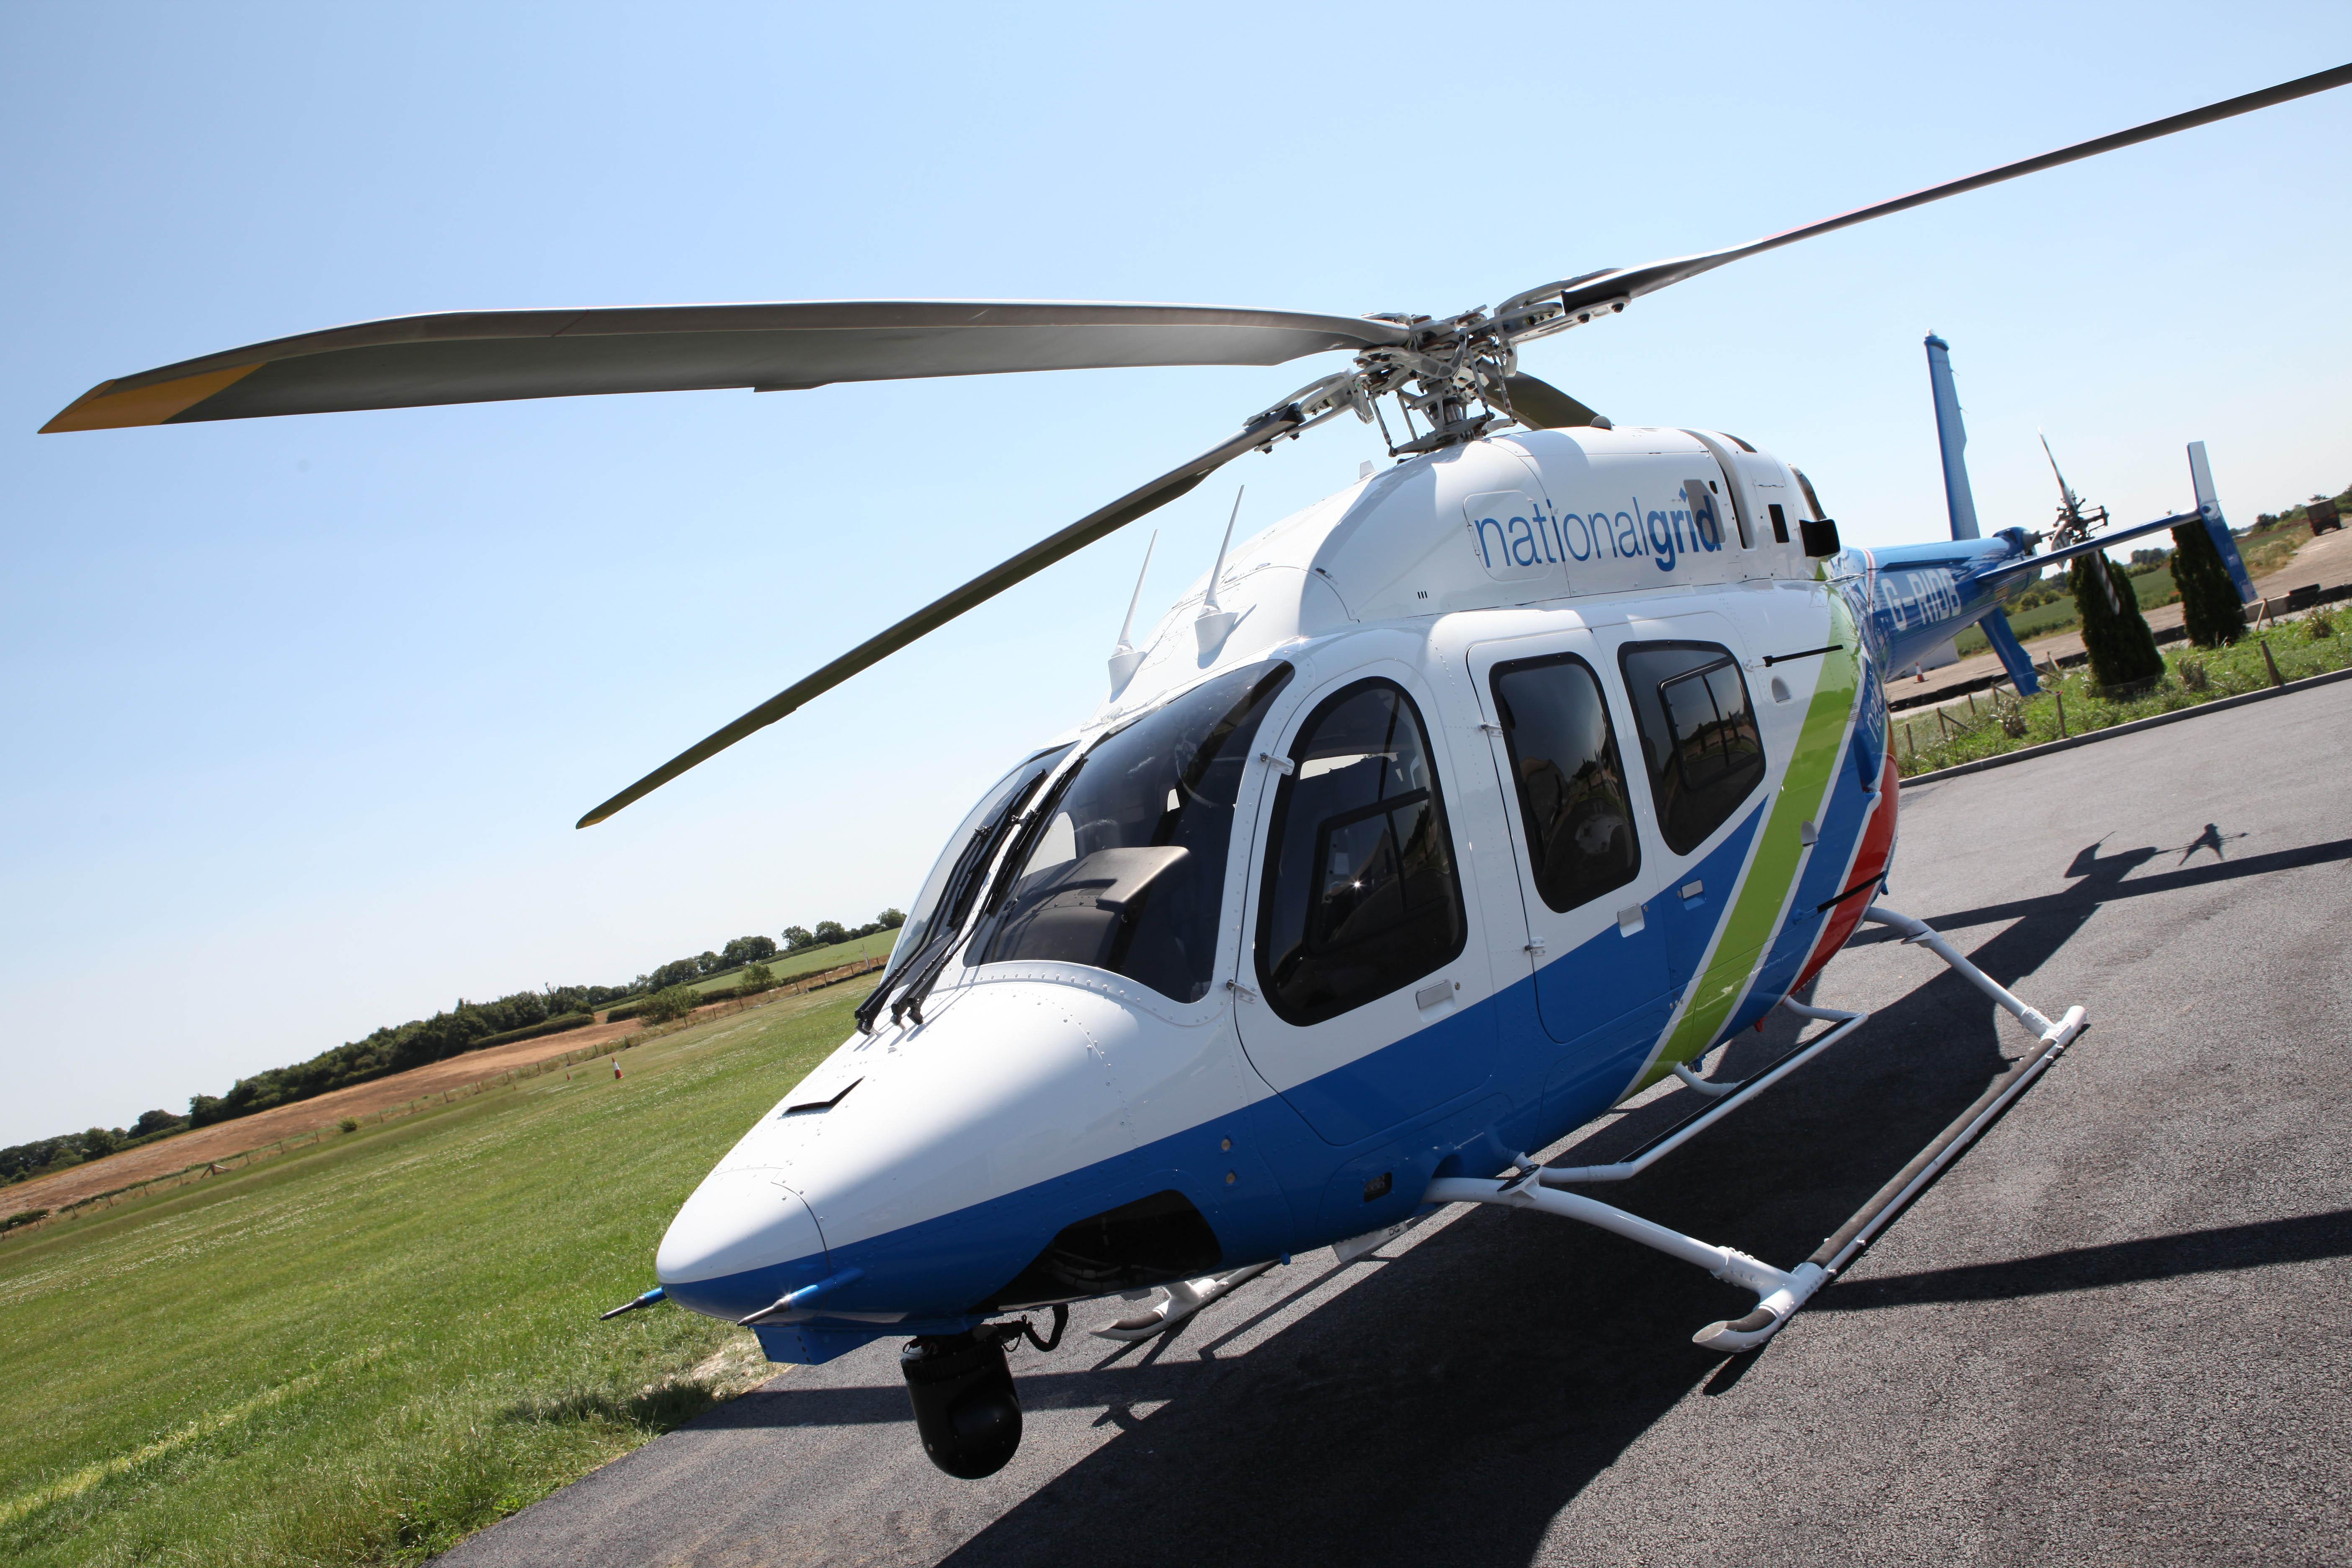 Helicóptero Bell 429 de la compañía británica National Grid.